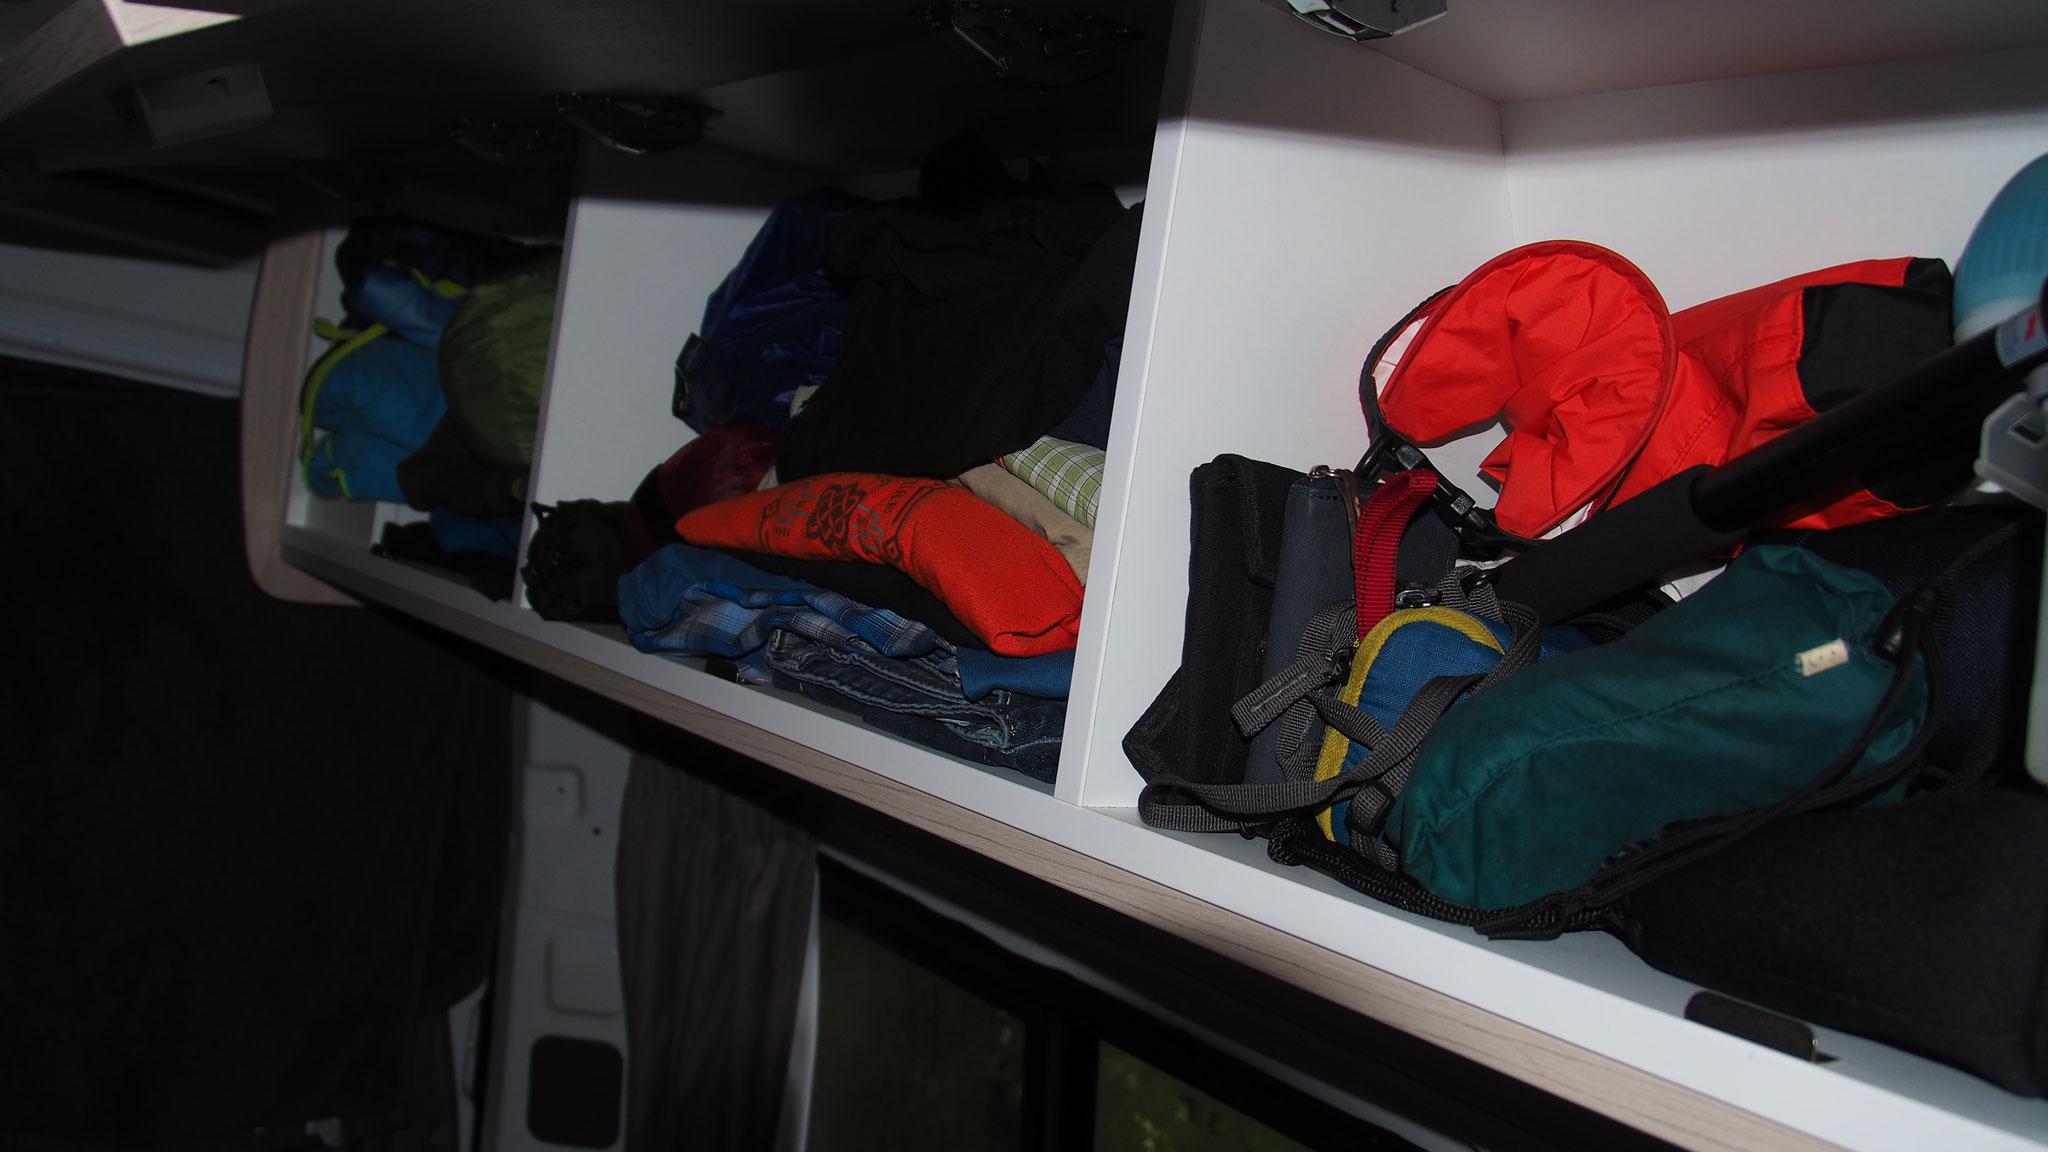 Aufgeräumt - Oberschränke dienen als kleiderschränke, ...